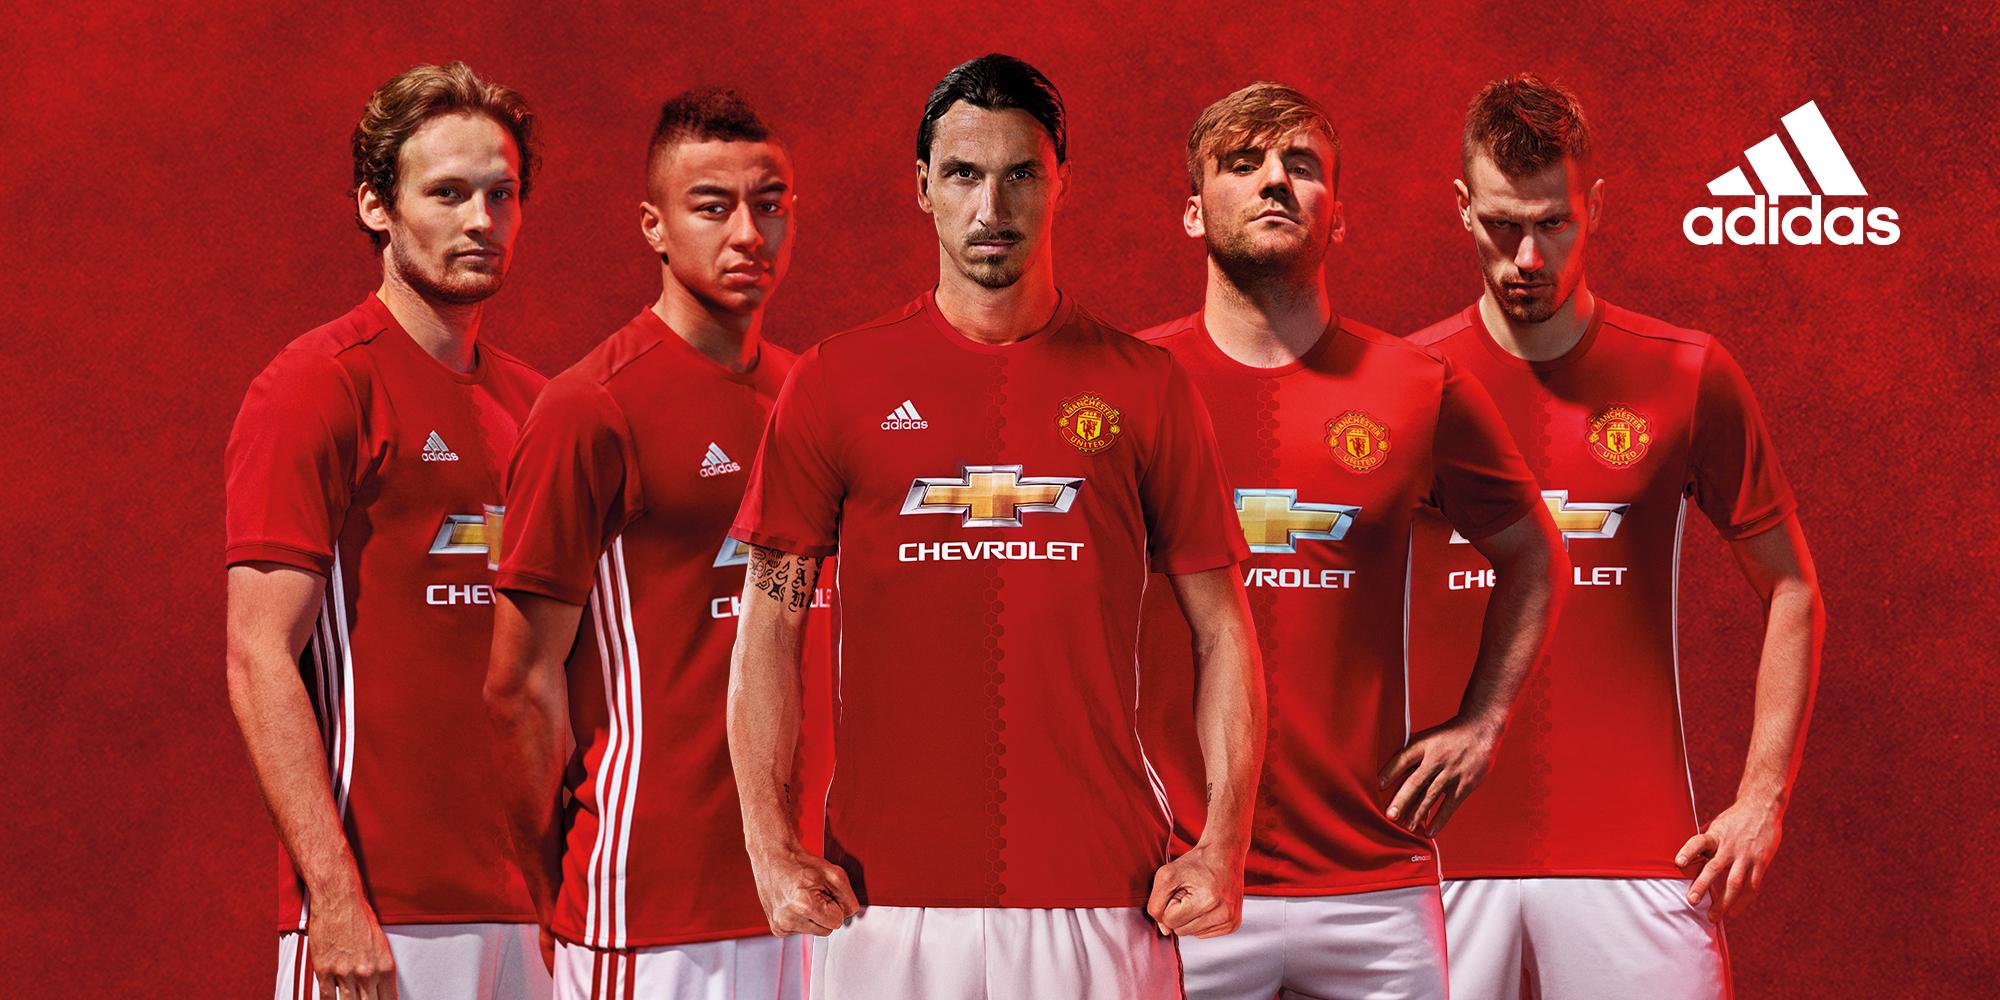 adidas dévoile le maillot Home de Manchester United pour la saison 2016/17